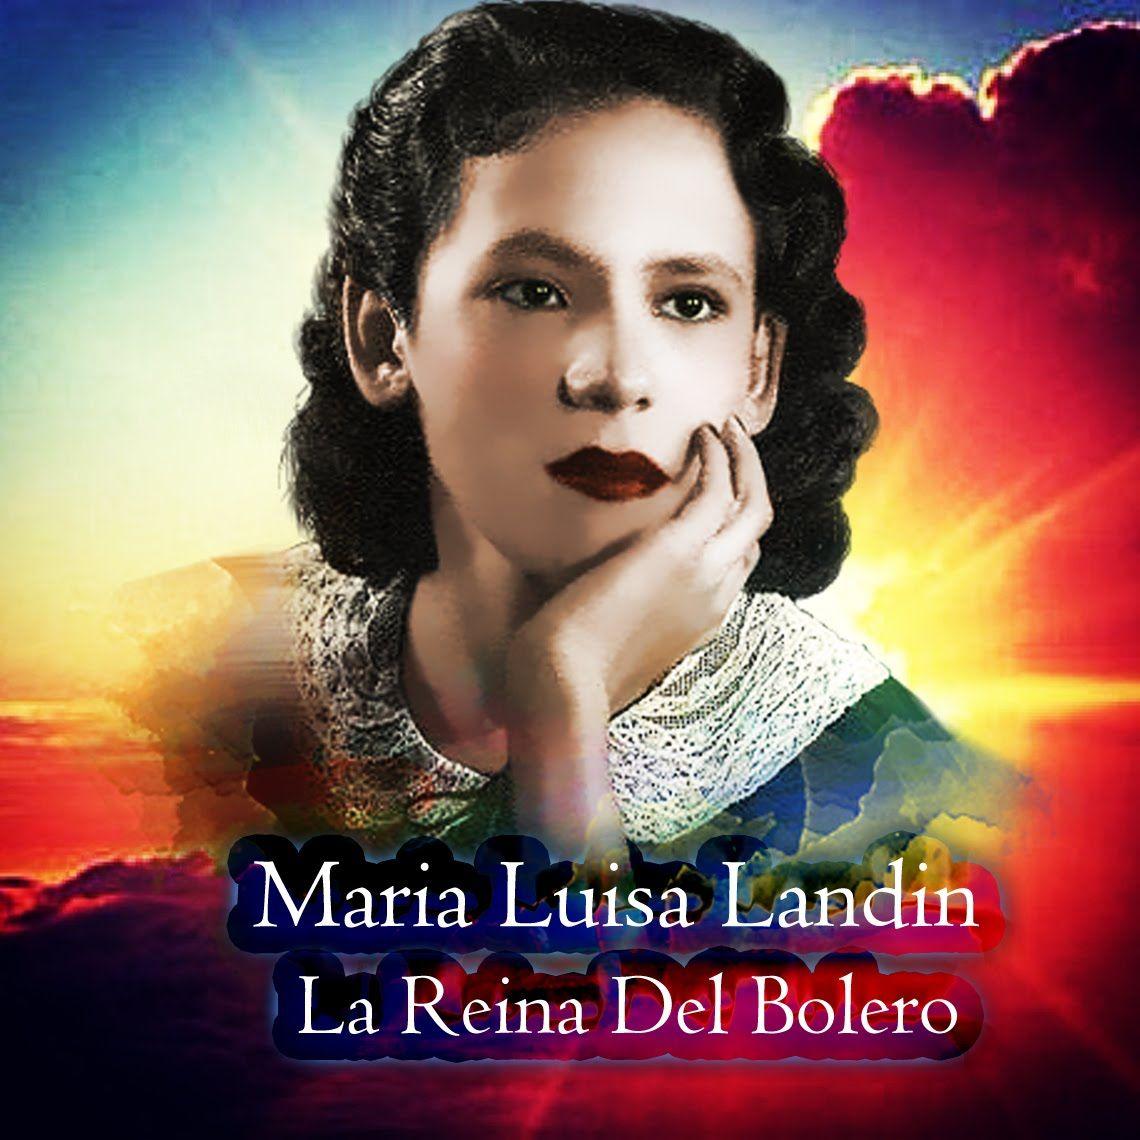 Maria Luisa Landin *La Reina del Bolero* Joya de La Musica Mexicana.